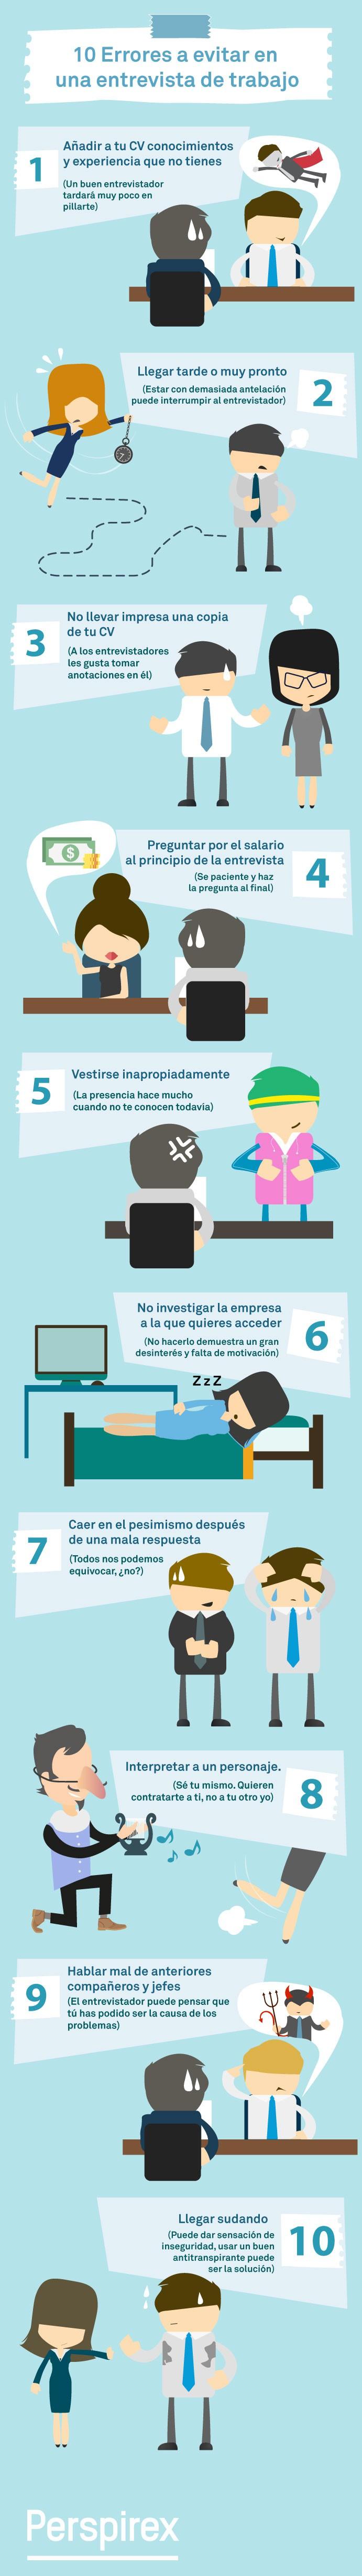 infografia-entrevista-de-trabajo-10 errores a corregir. COACHING. COACH